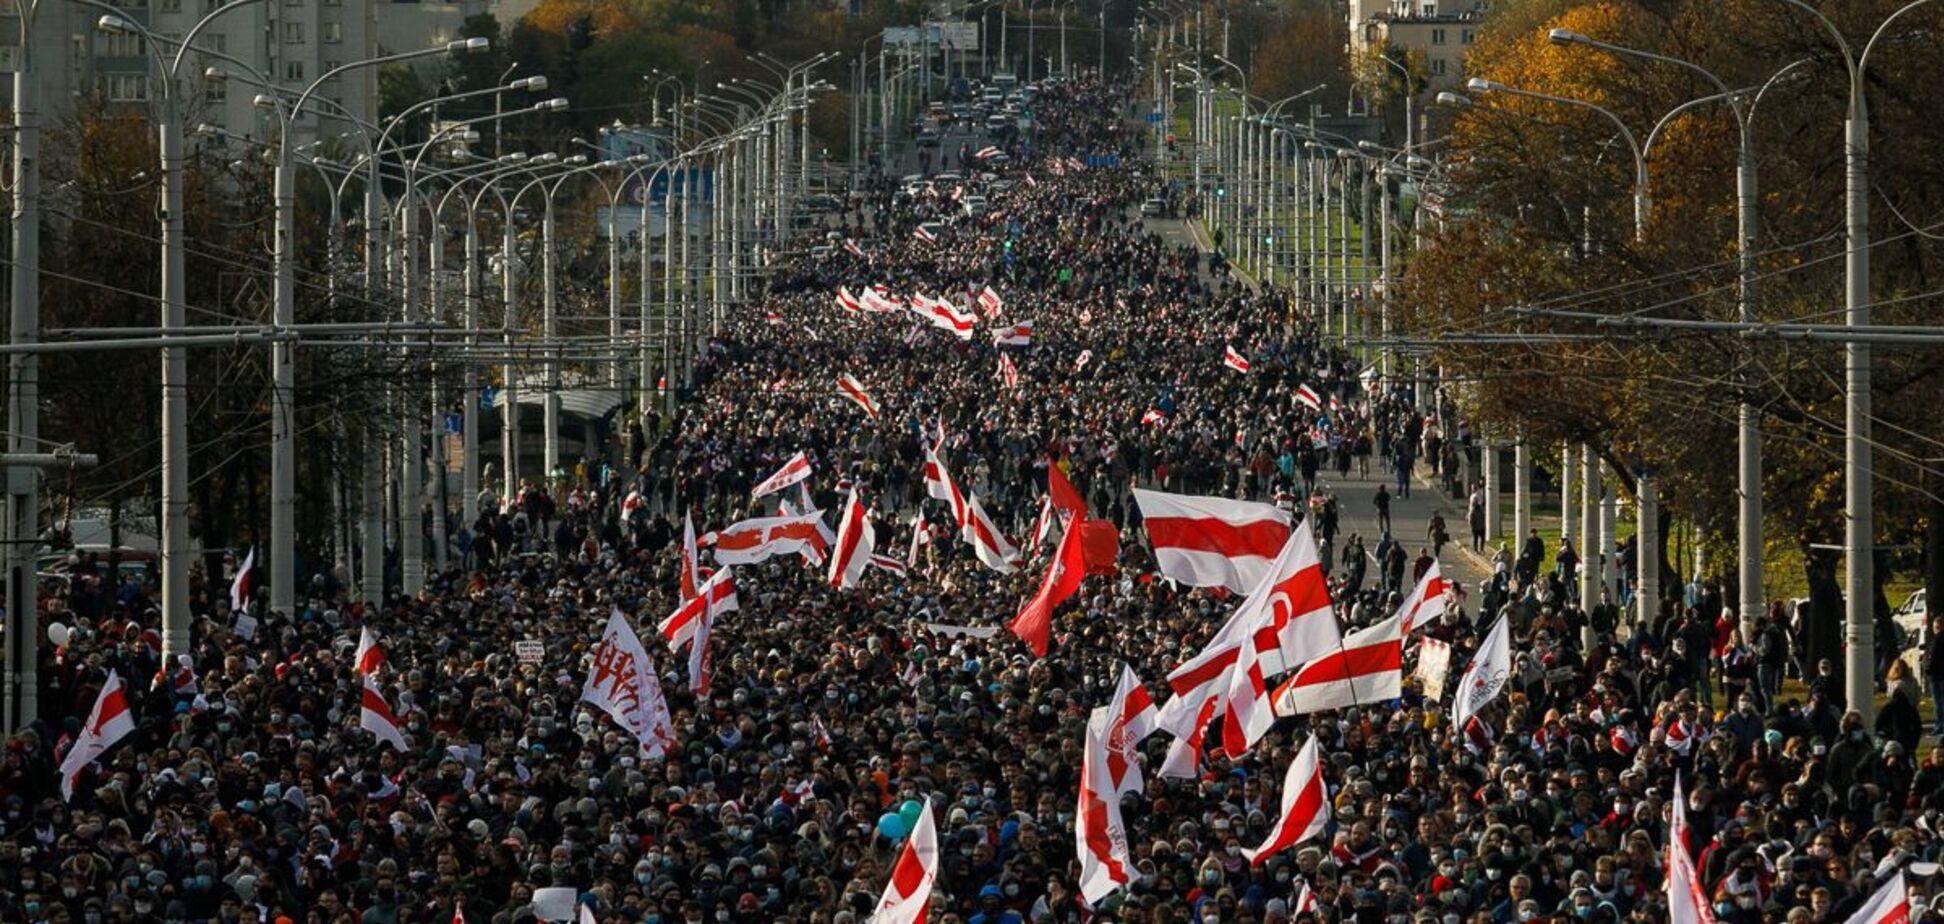 Протести в Білорусі через фальсифікації результатів президентських виборів закінчилися